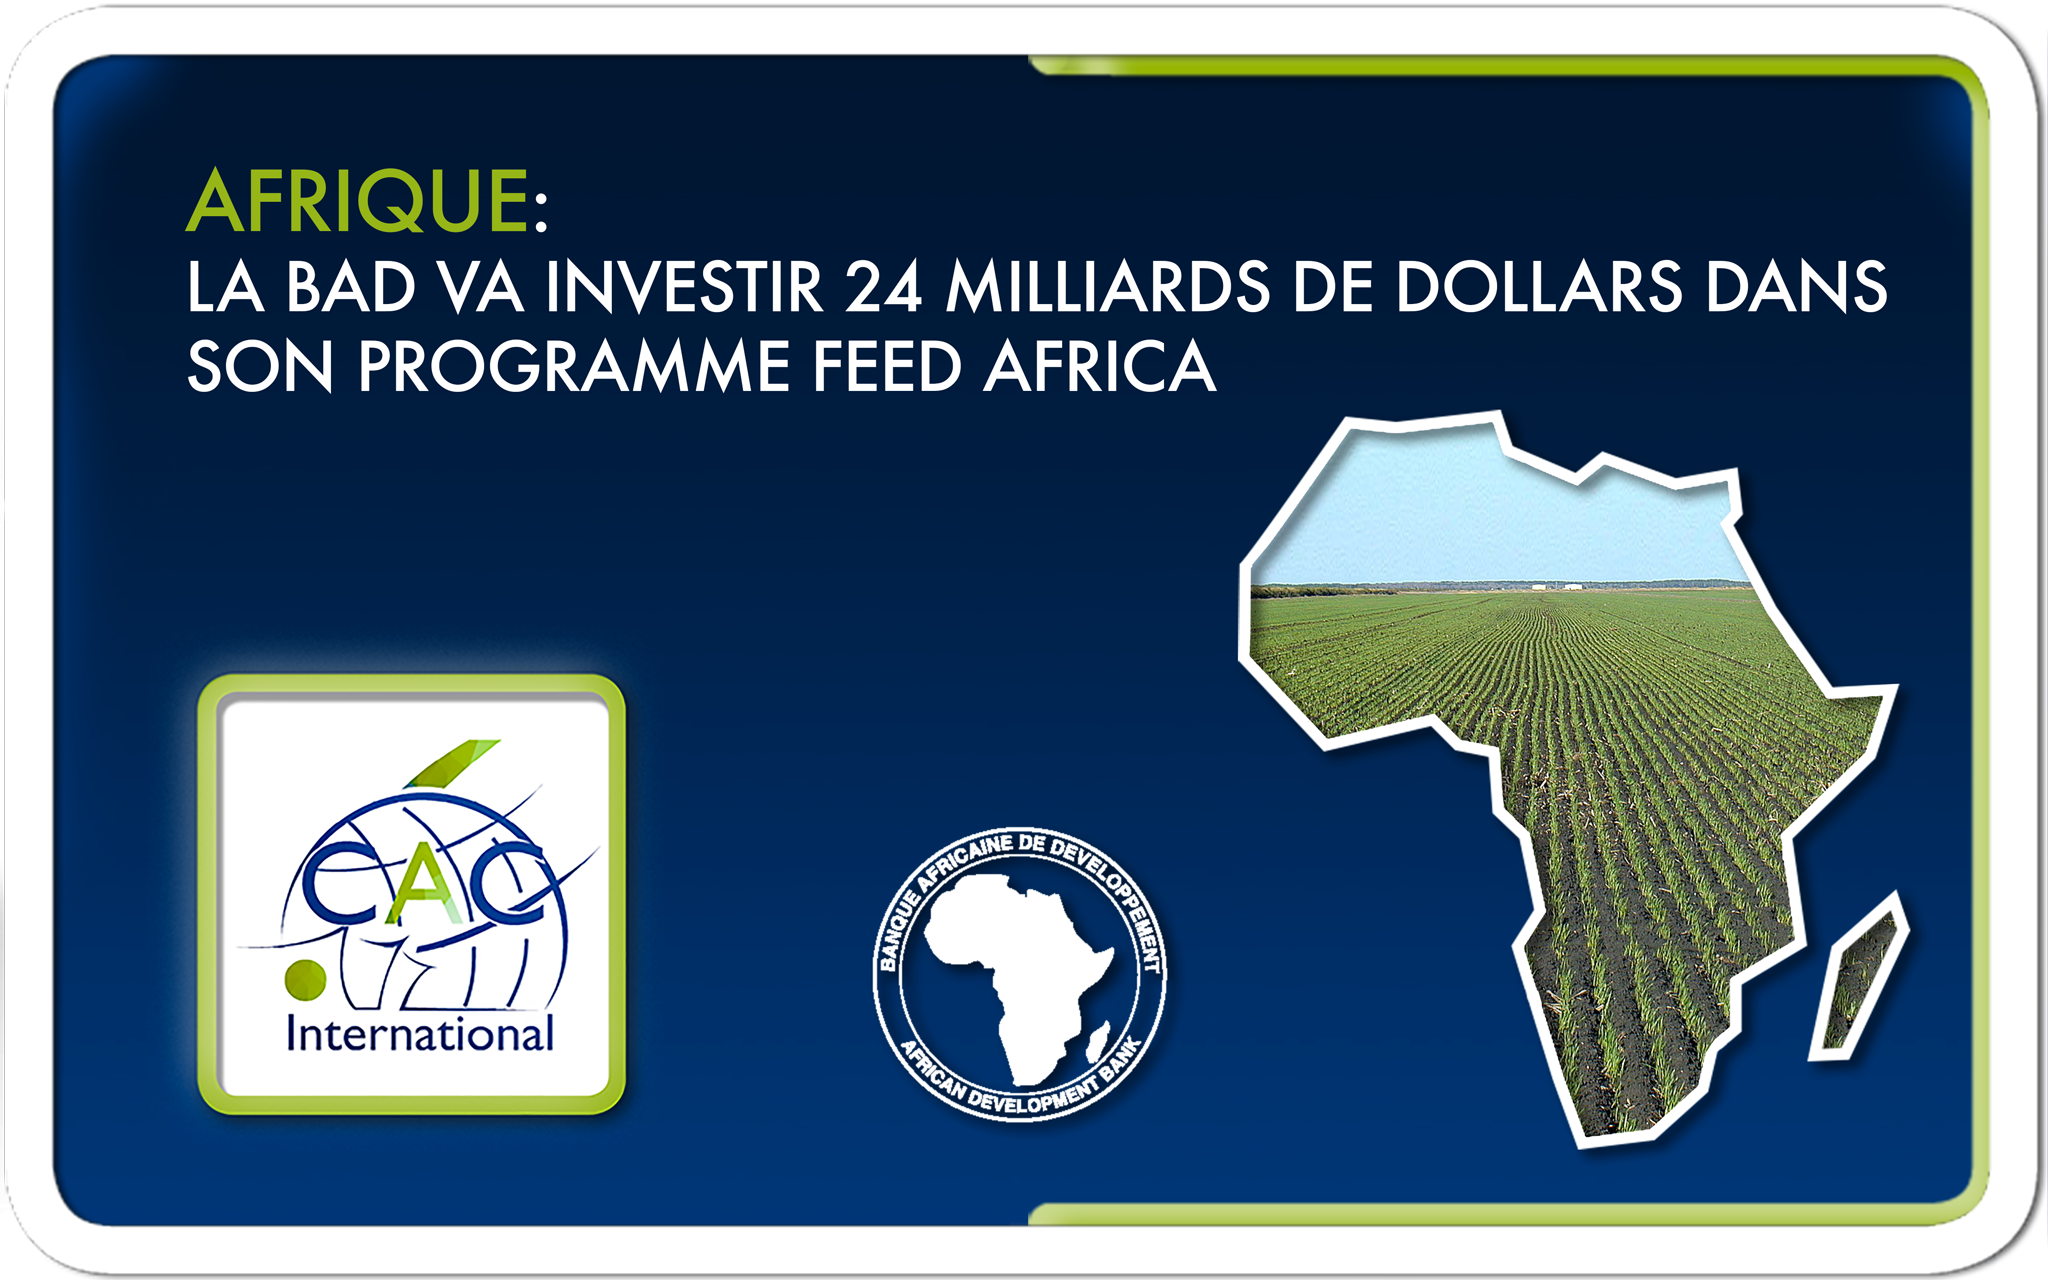 """Résultat de recherche d'images pour """"Afrique, BAD, 24 milliards de dollars, développement, agriculture africaine, 2016, 2017"""""""